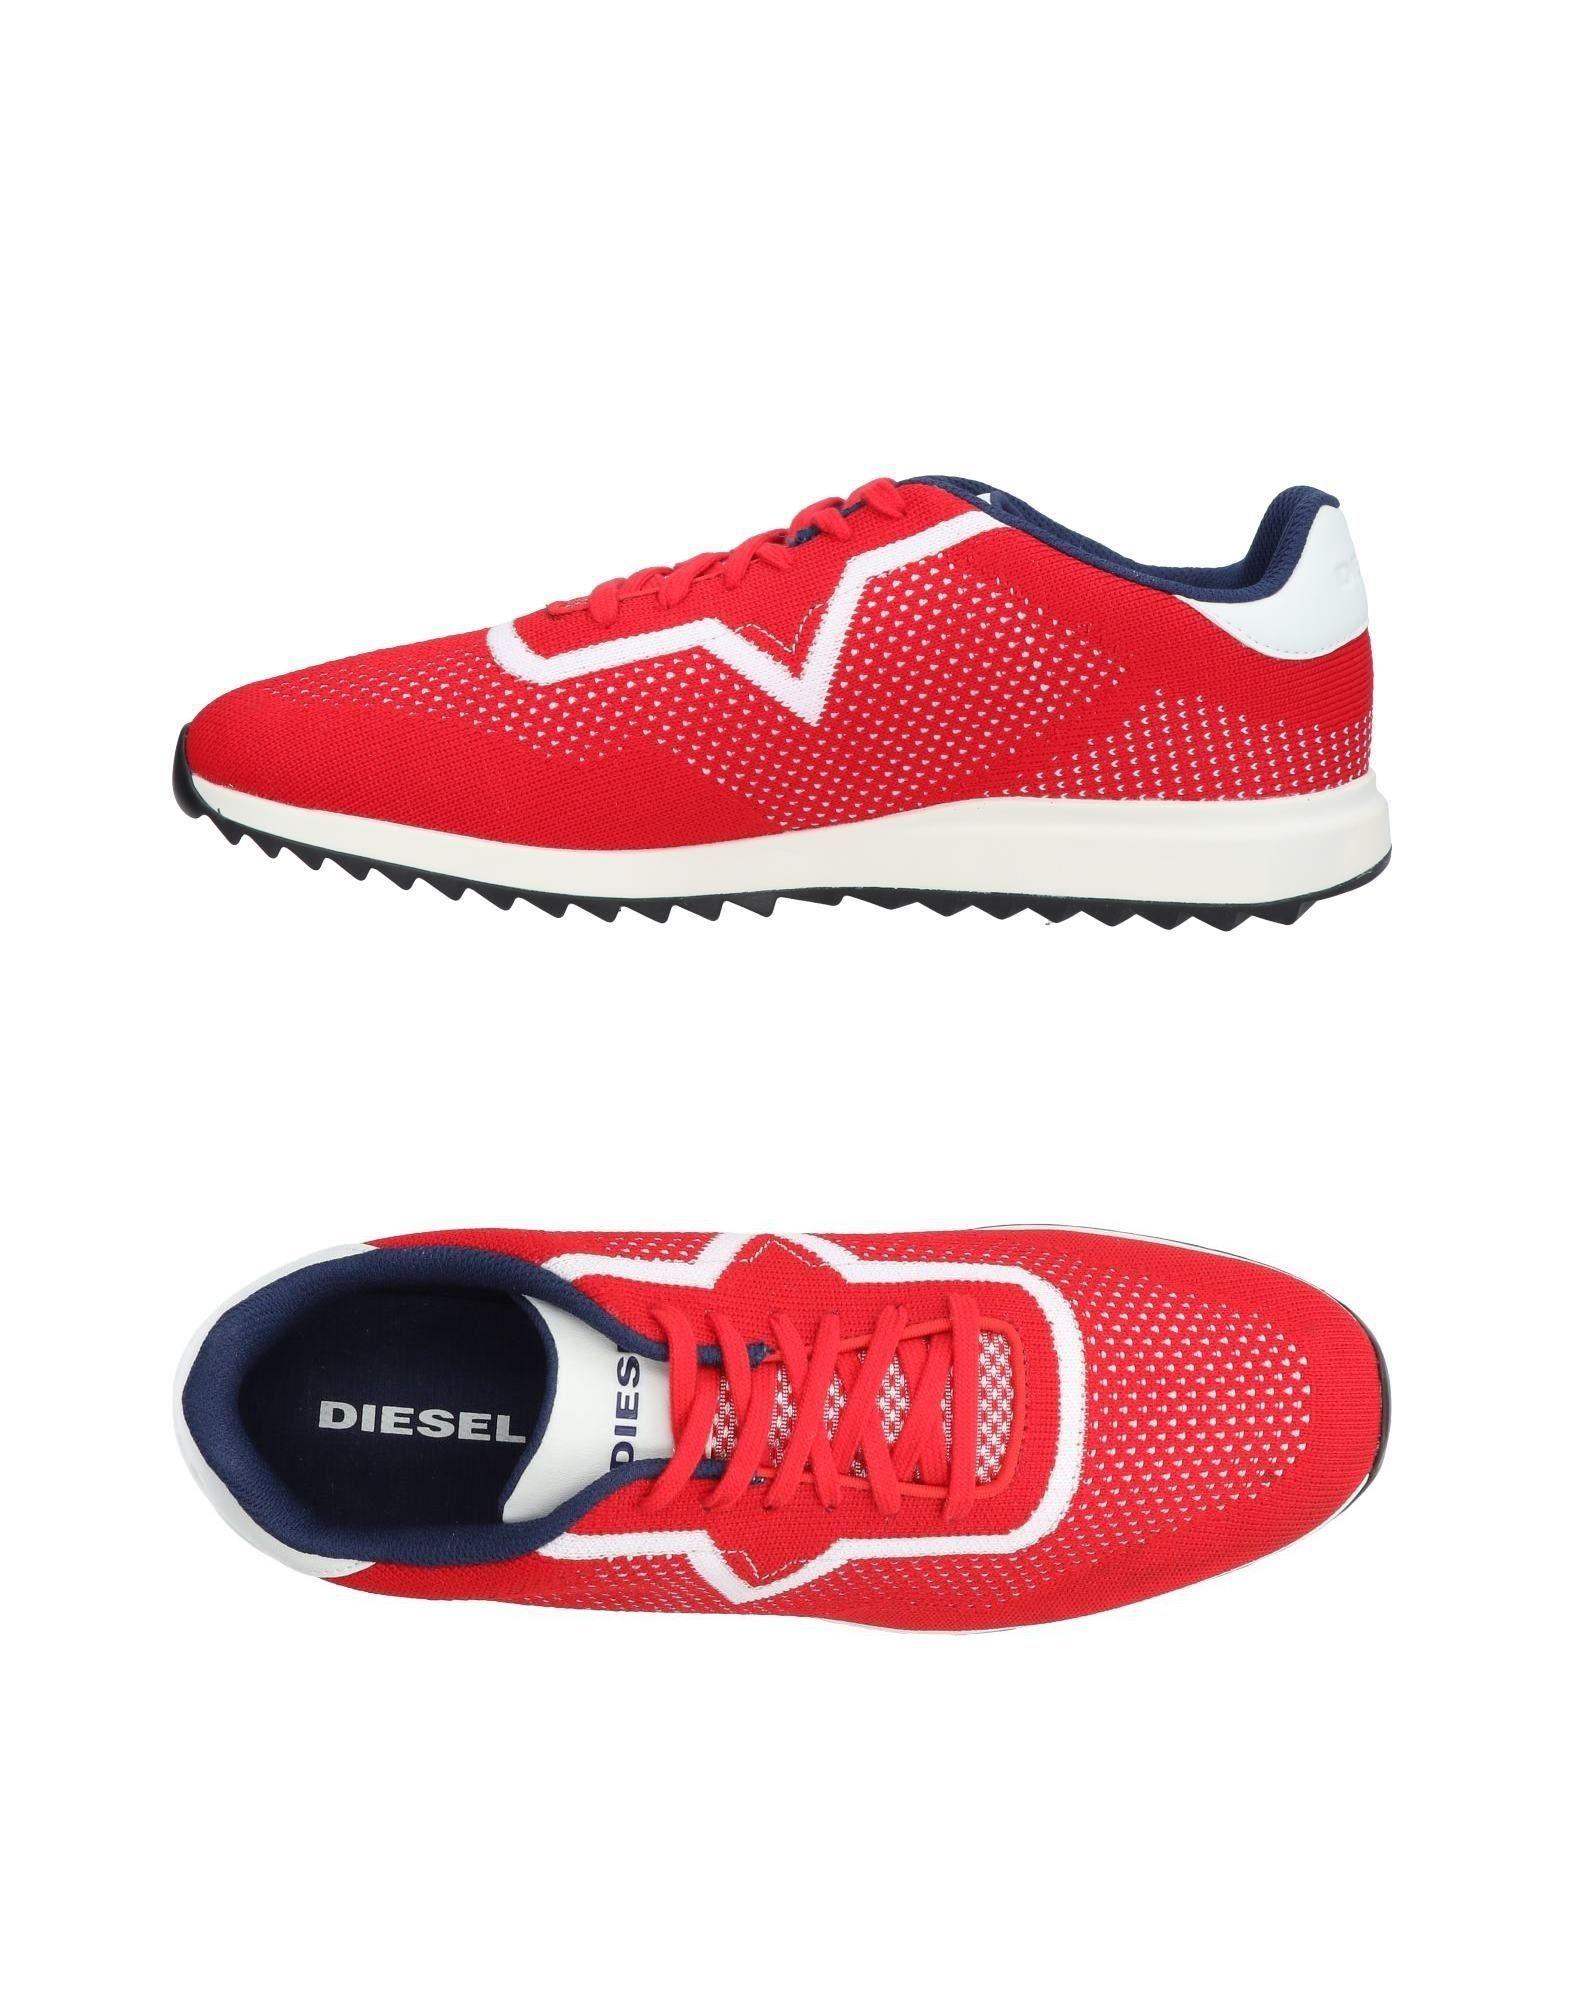 DIESEL Низкие кеды и кроссовки кроссовки diesel кроссовки